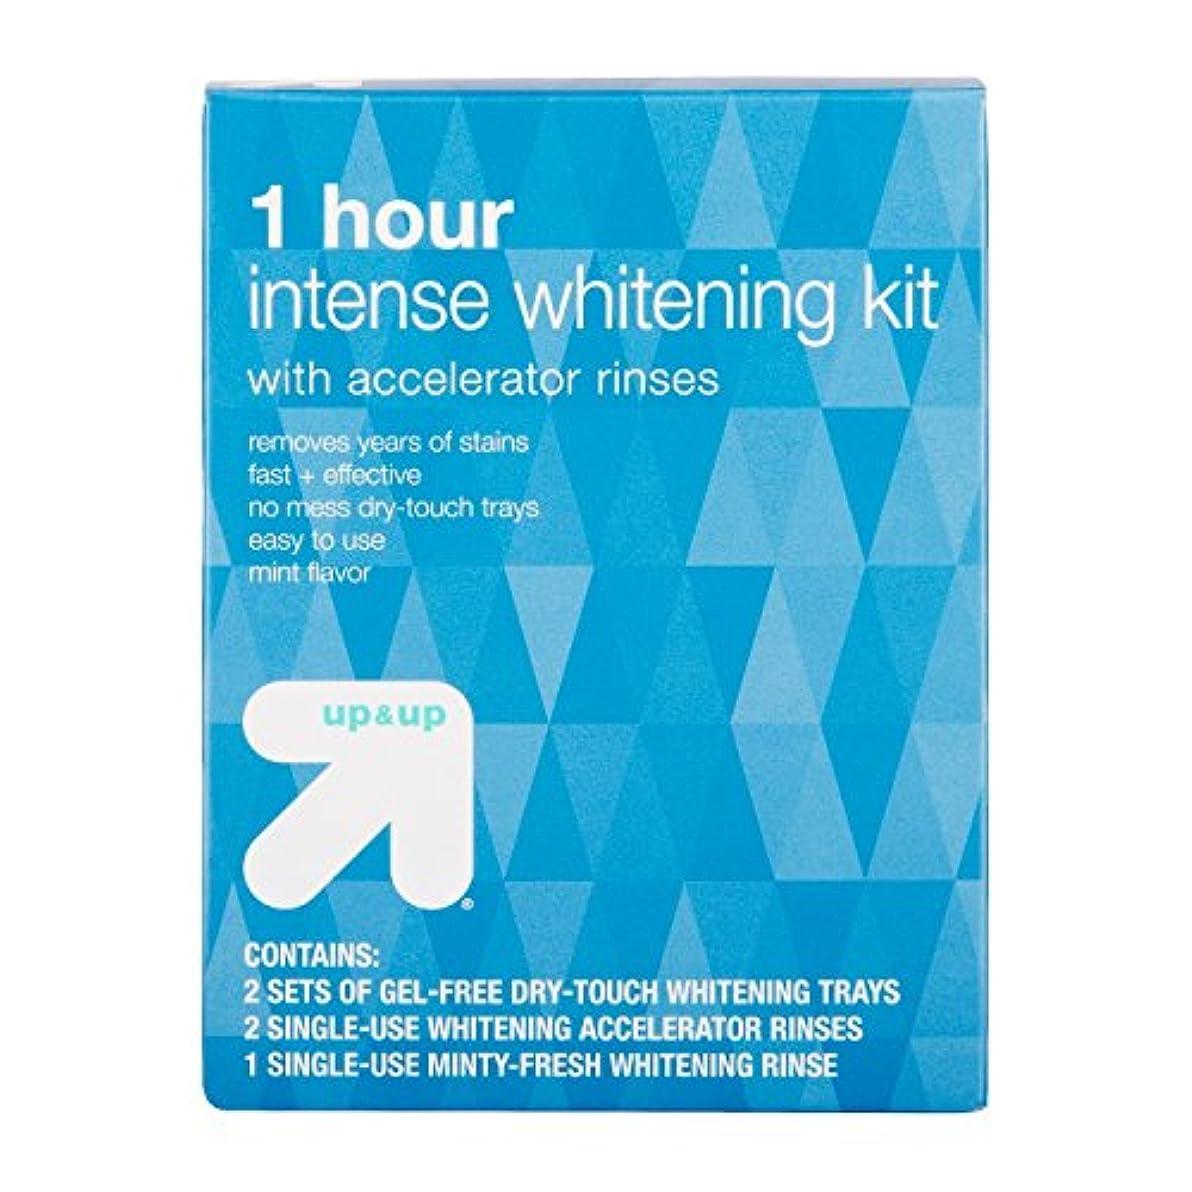 静的人工的な秘書たった1時間で効果がわかる アップ&アップ ホワイトニングキット 1-Hour Intense Teeth Whitening Kit - up & up